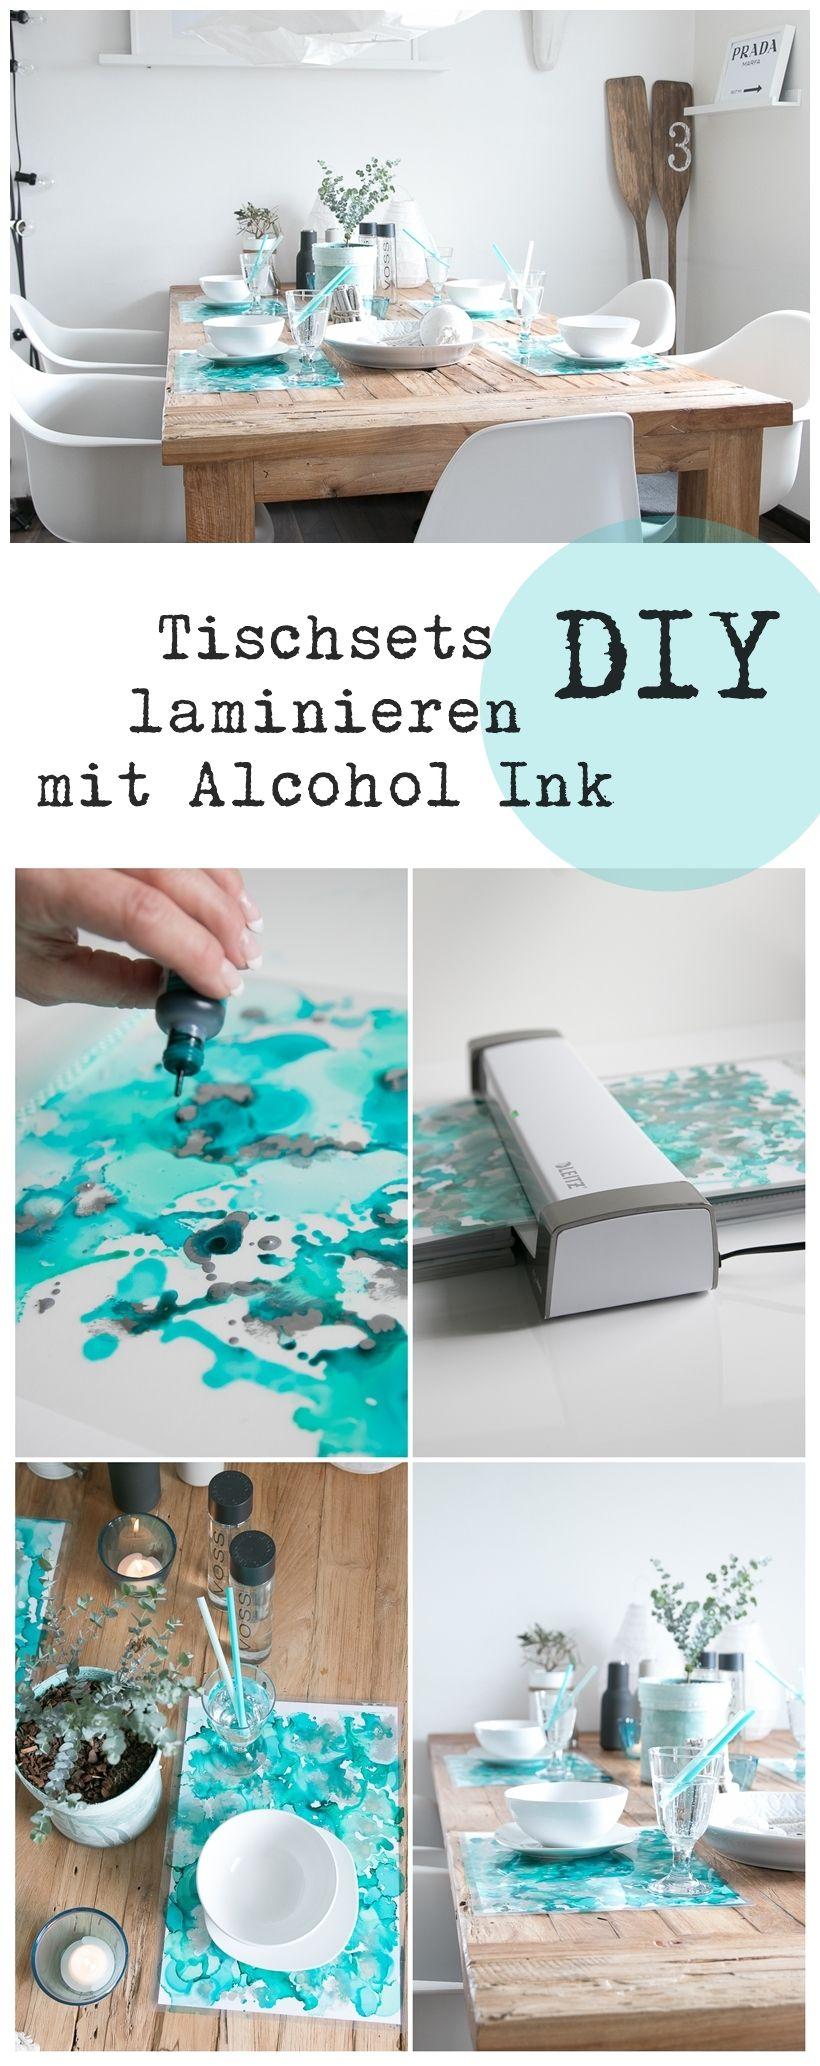 tischsets mit alcohol ink gestalten und laminieren. Black Bedroom Furniture Sets. Home Design Ideas